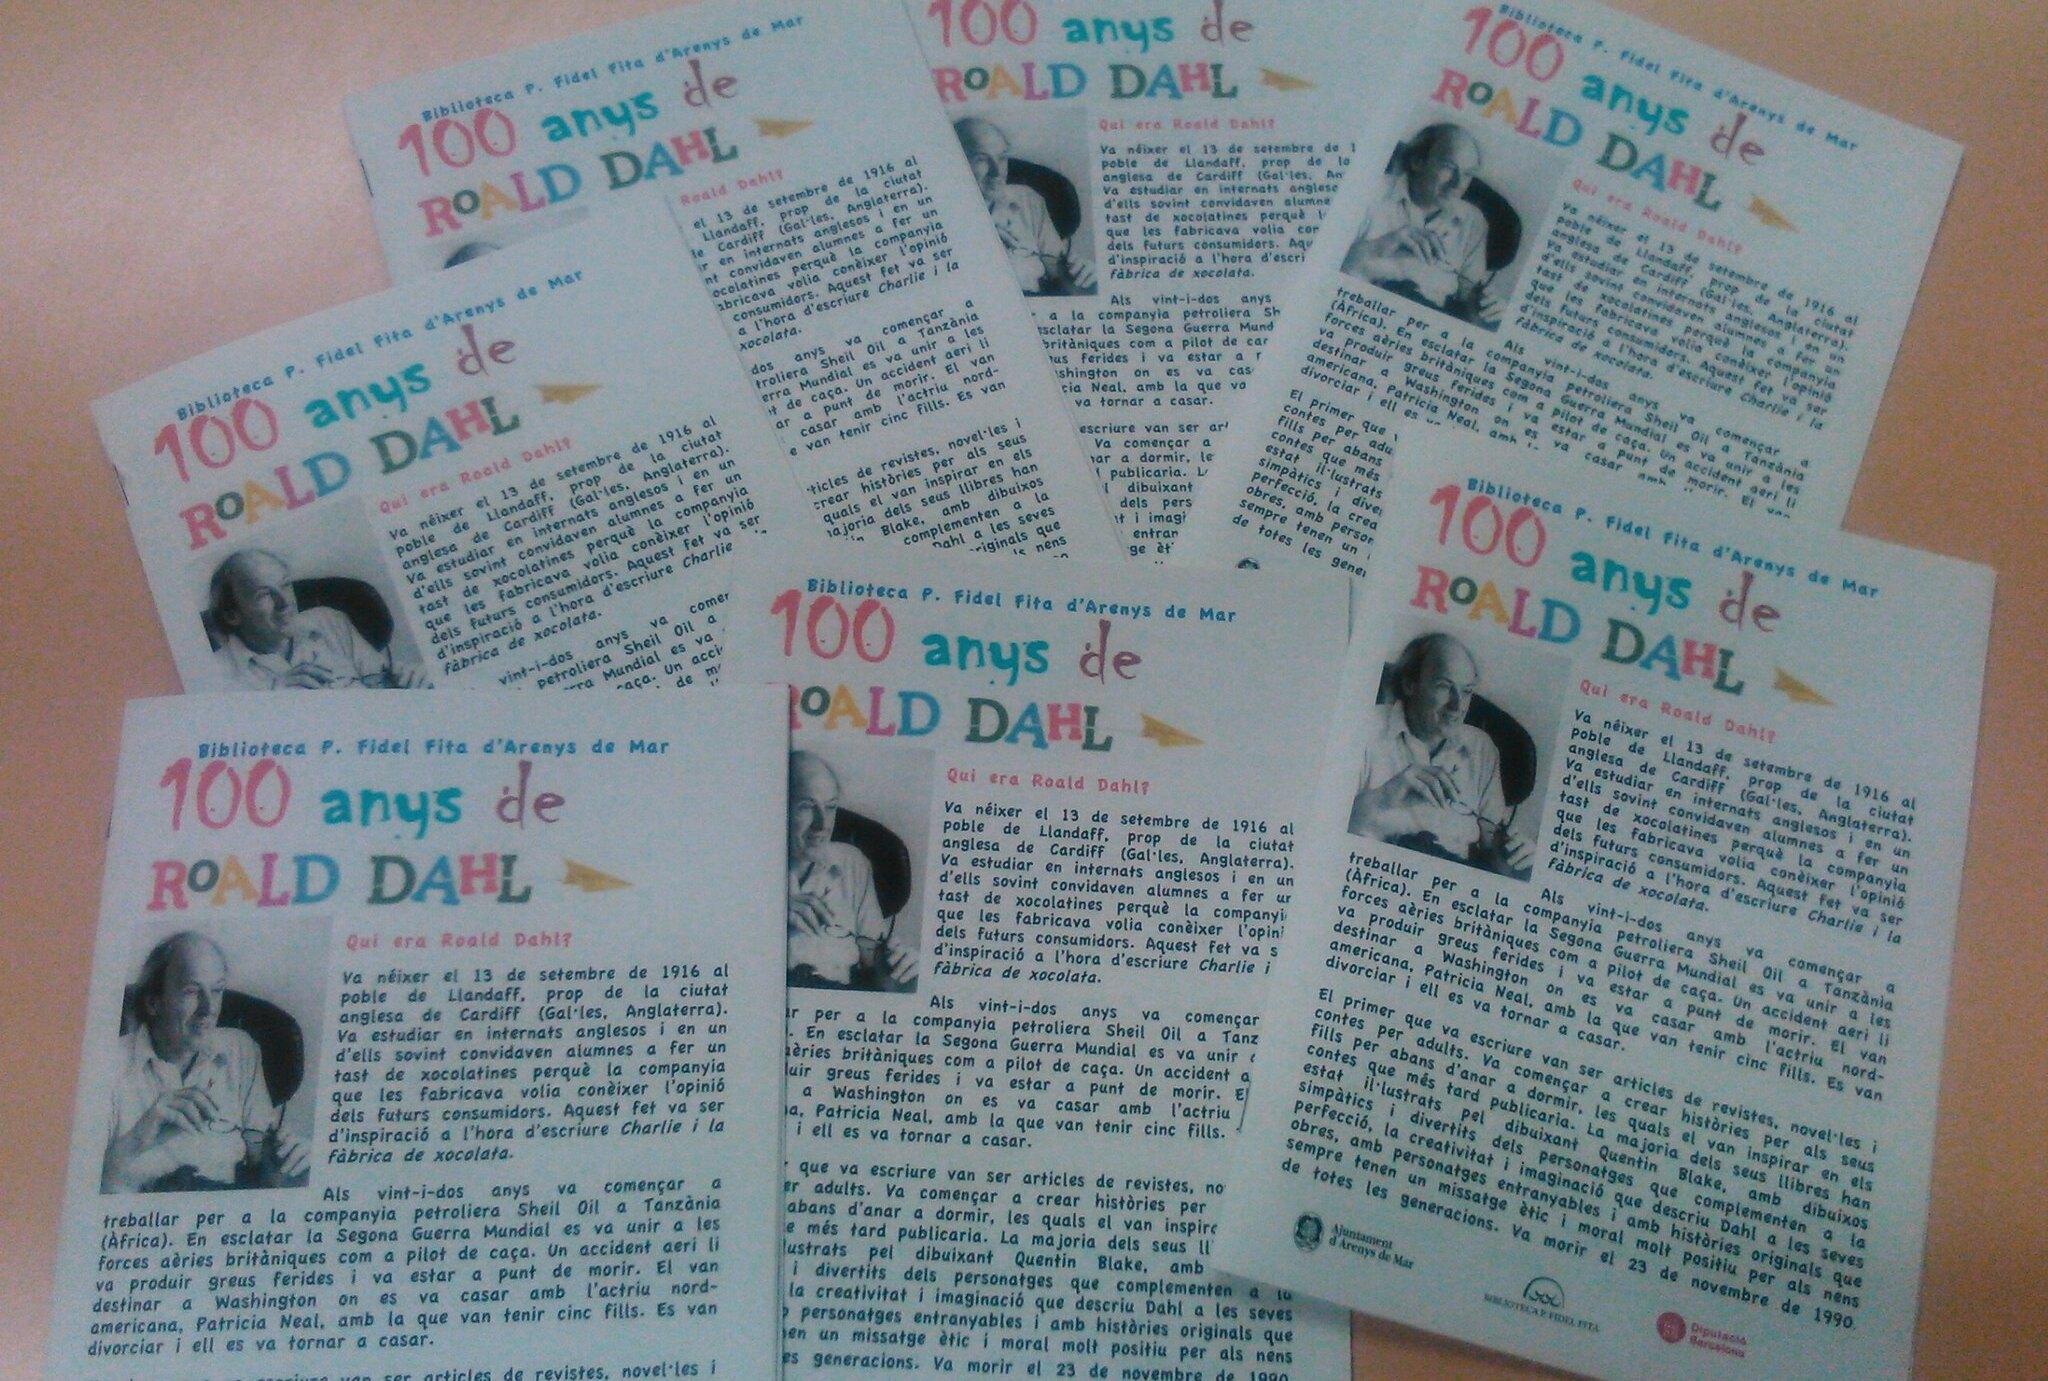 100 anys del naixement de Roald Dahl